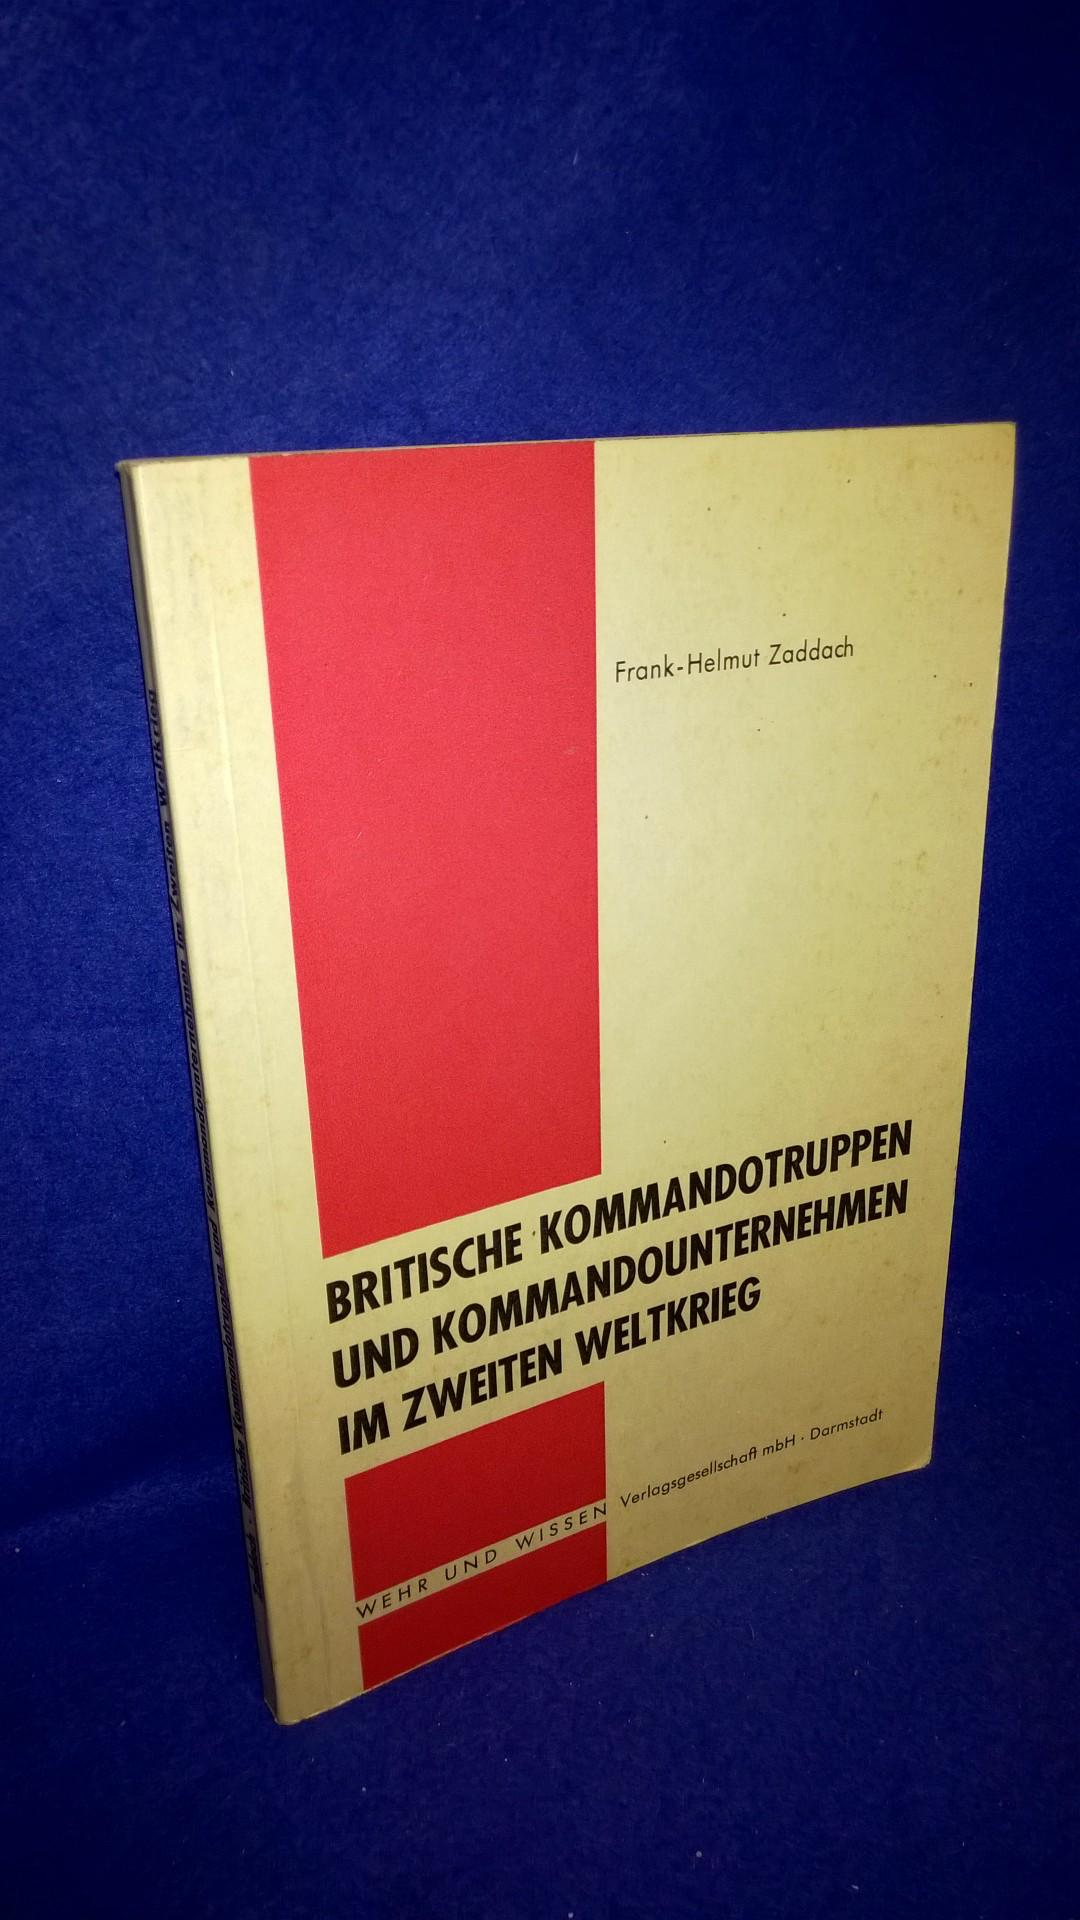 Britische Kommandotruppen und Kommandounternehmen im Zweiten Weltkrieg.